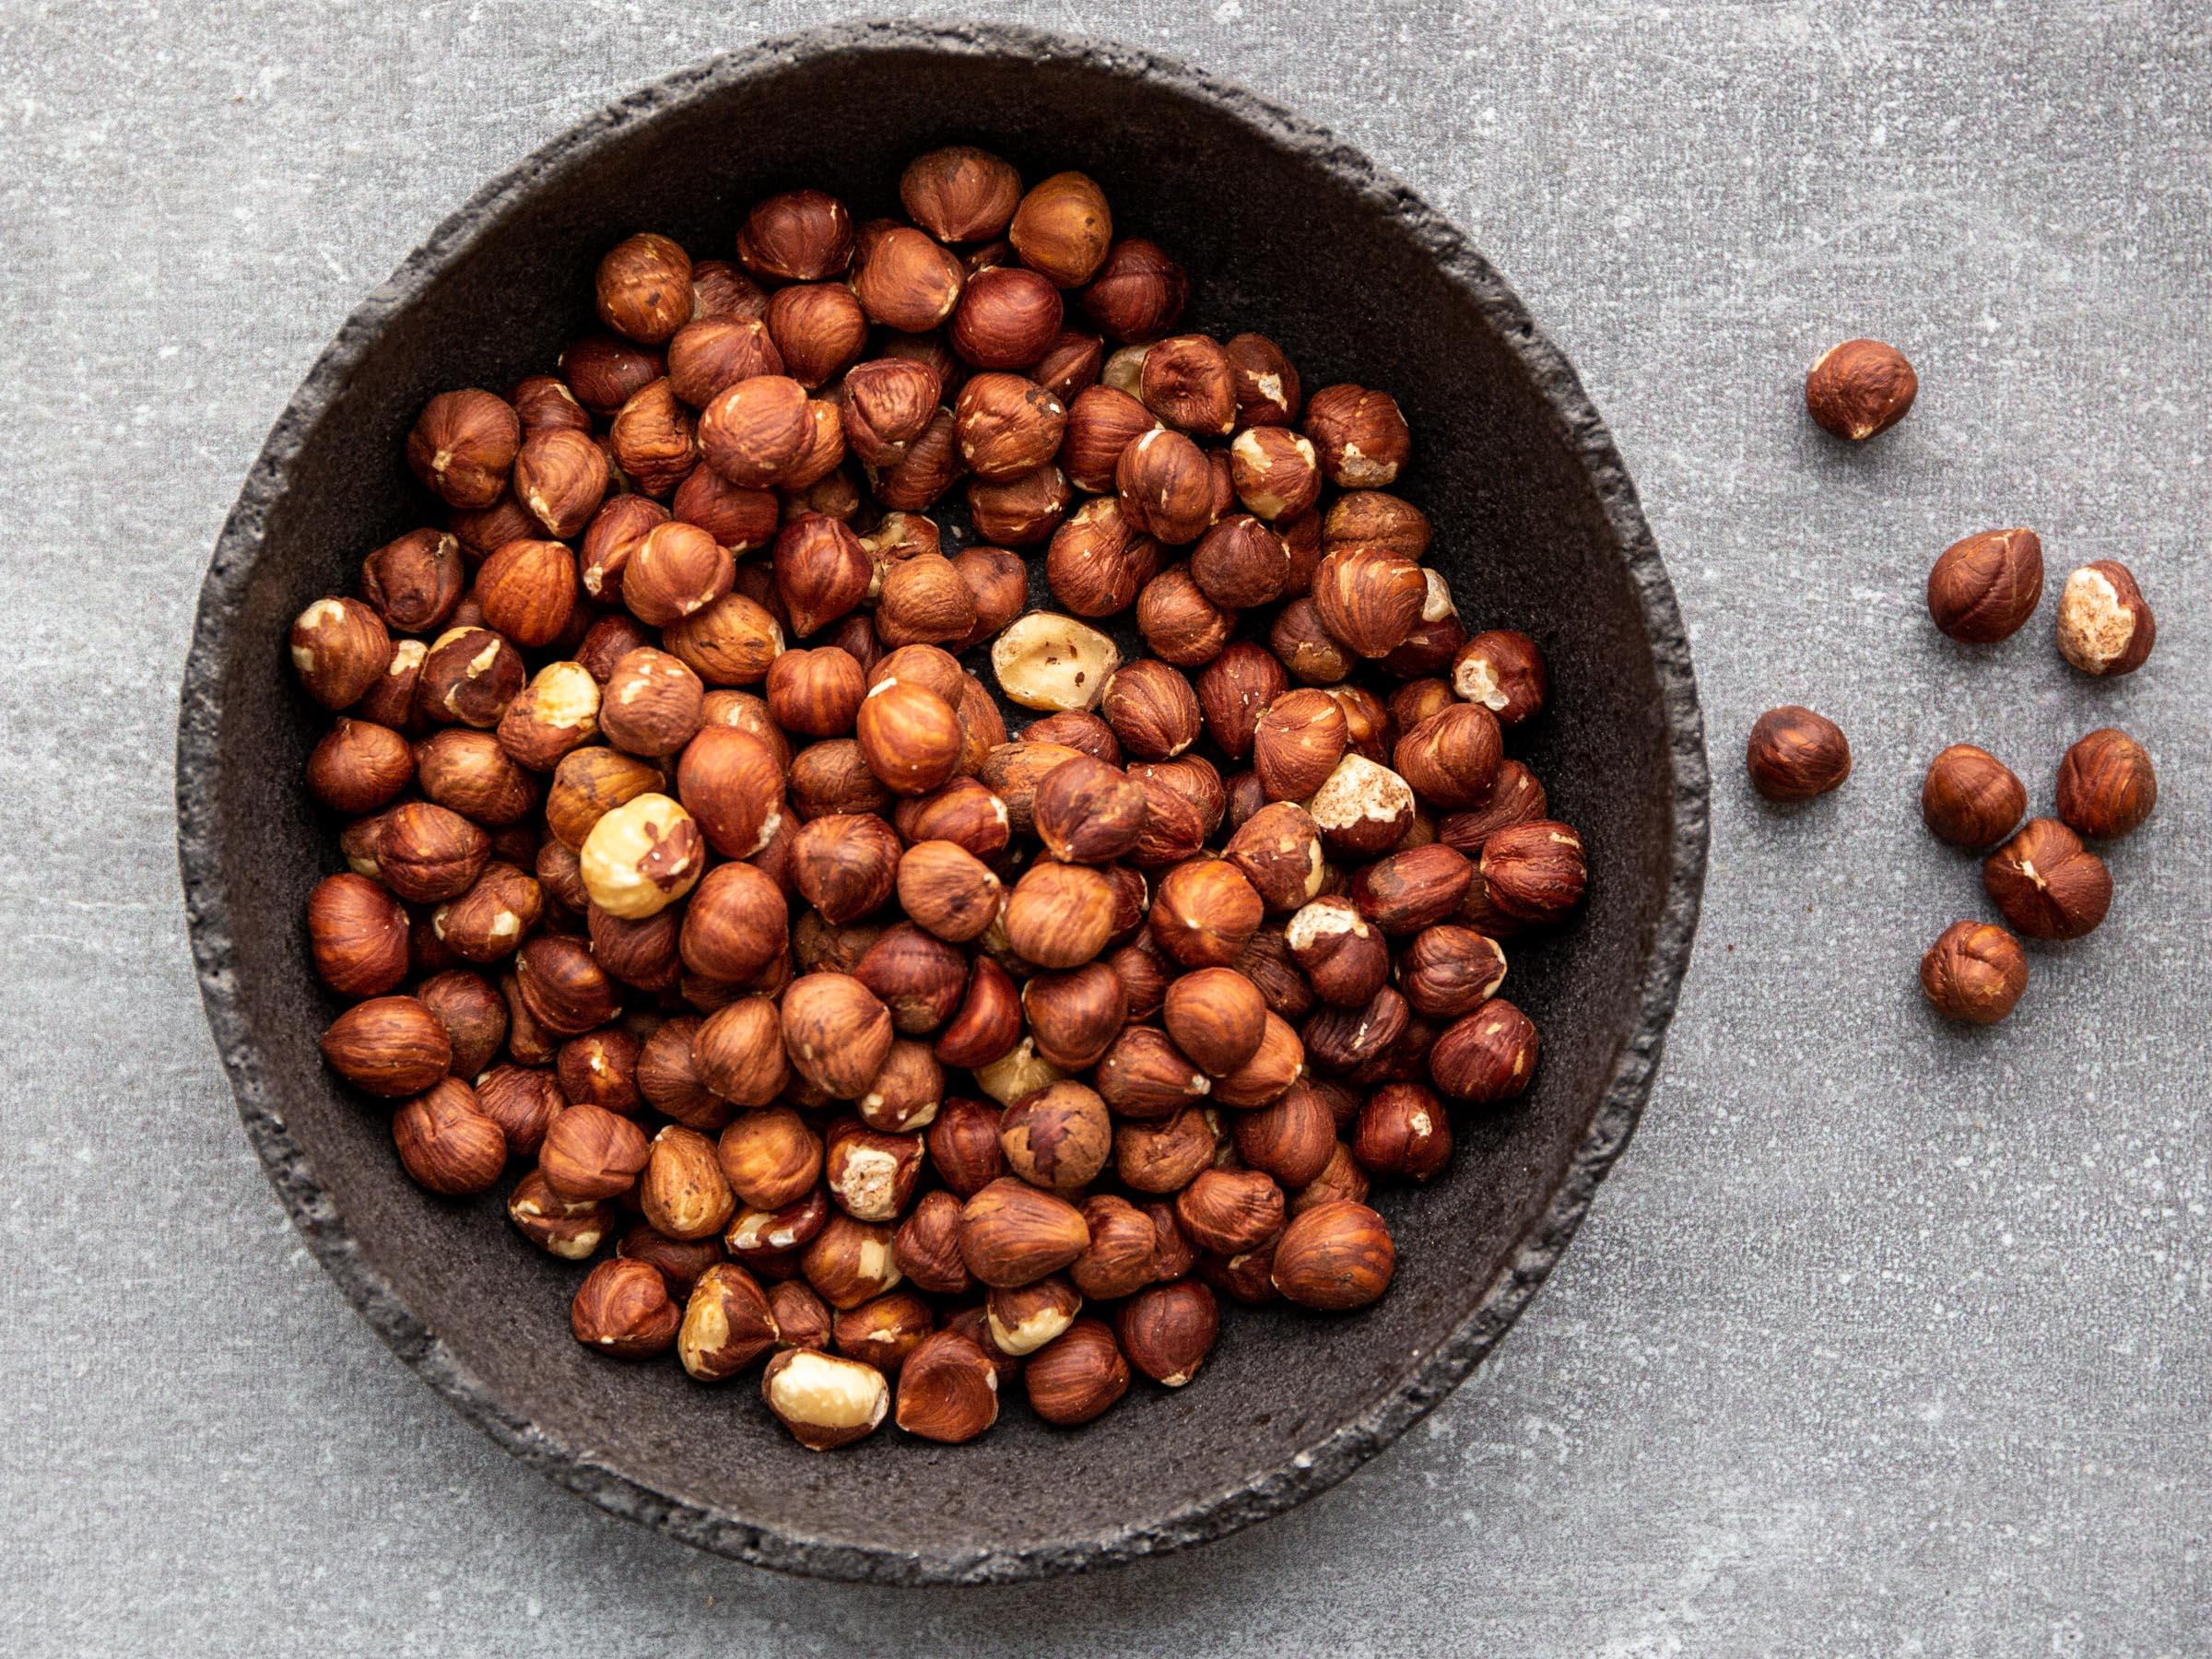 Die Nuss mit Wald-Geschmack. Rohkost und vegane Rezepte mit Haselnüssen.